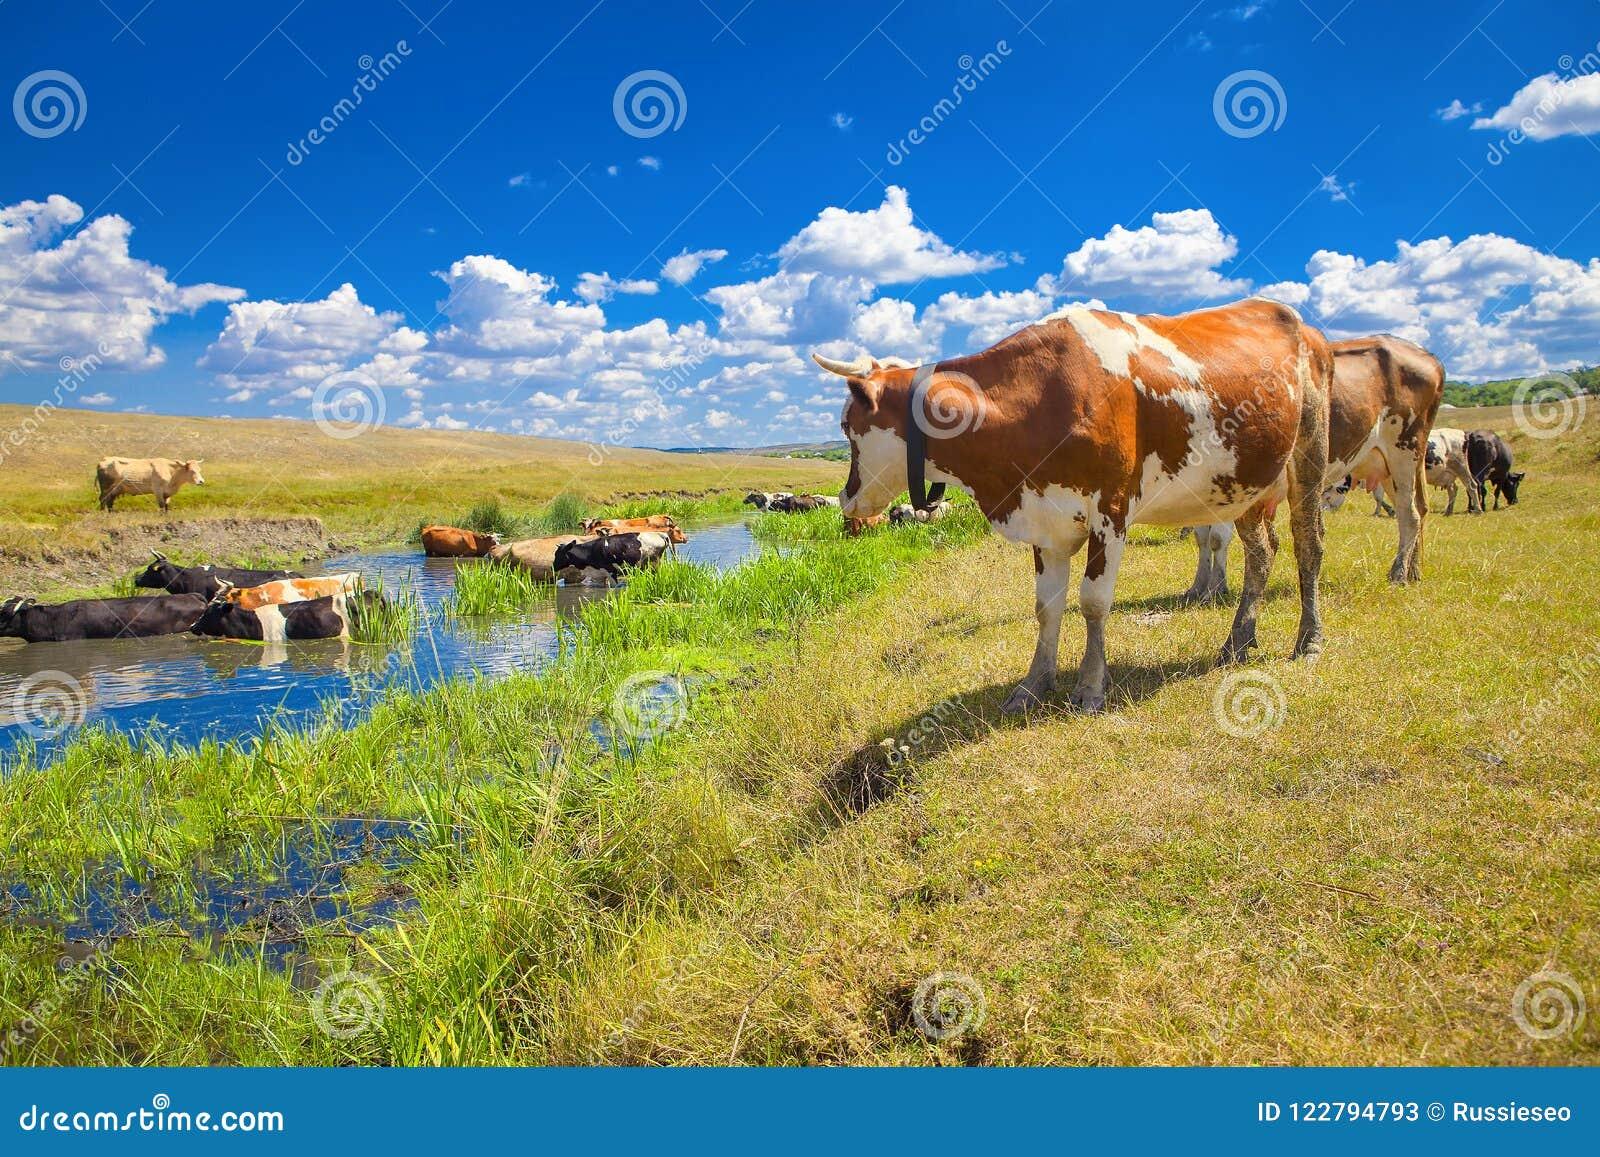 Sommer-Landschaft mit Kühen